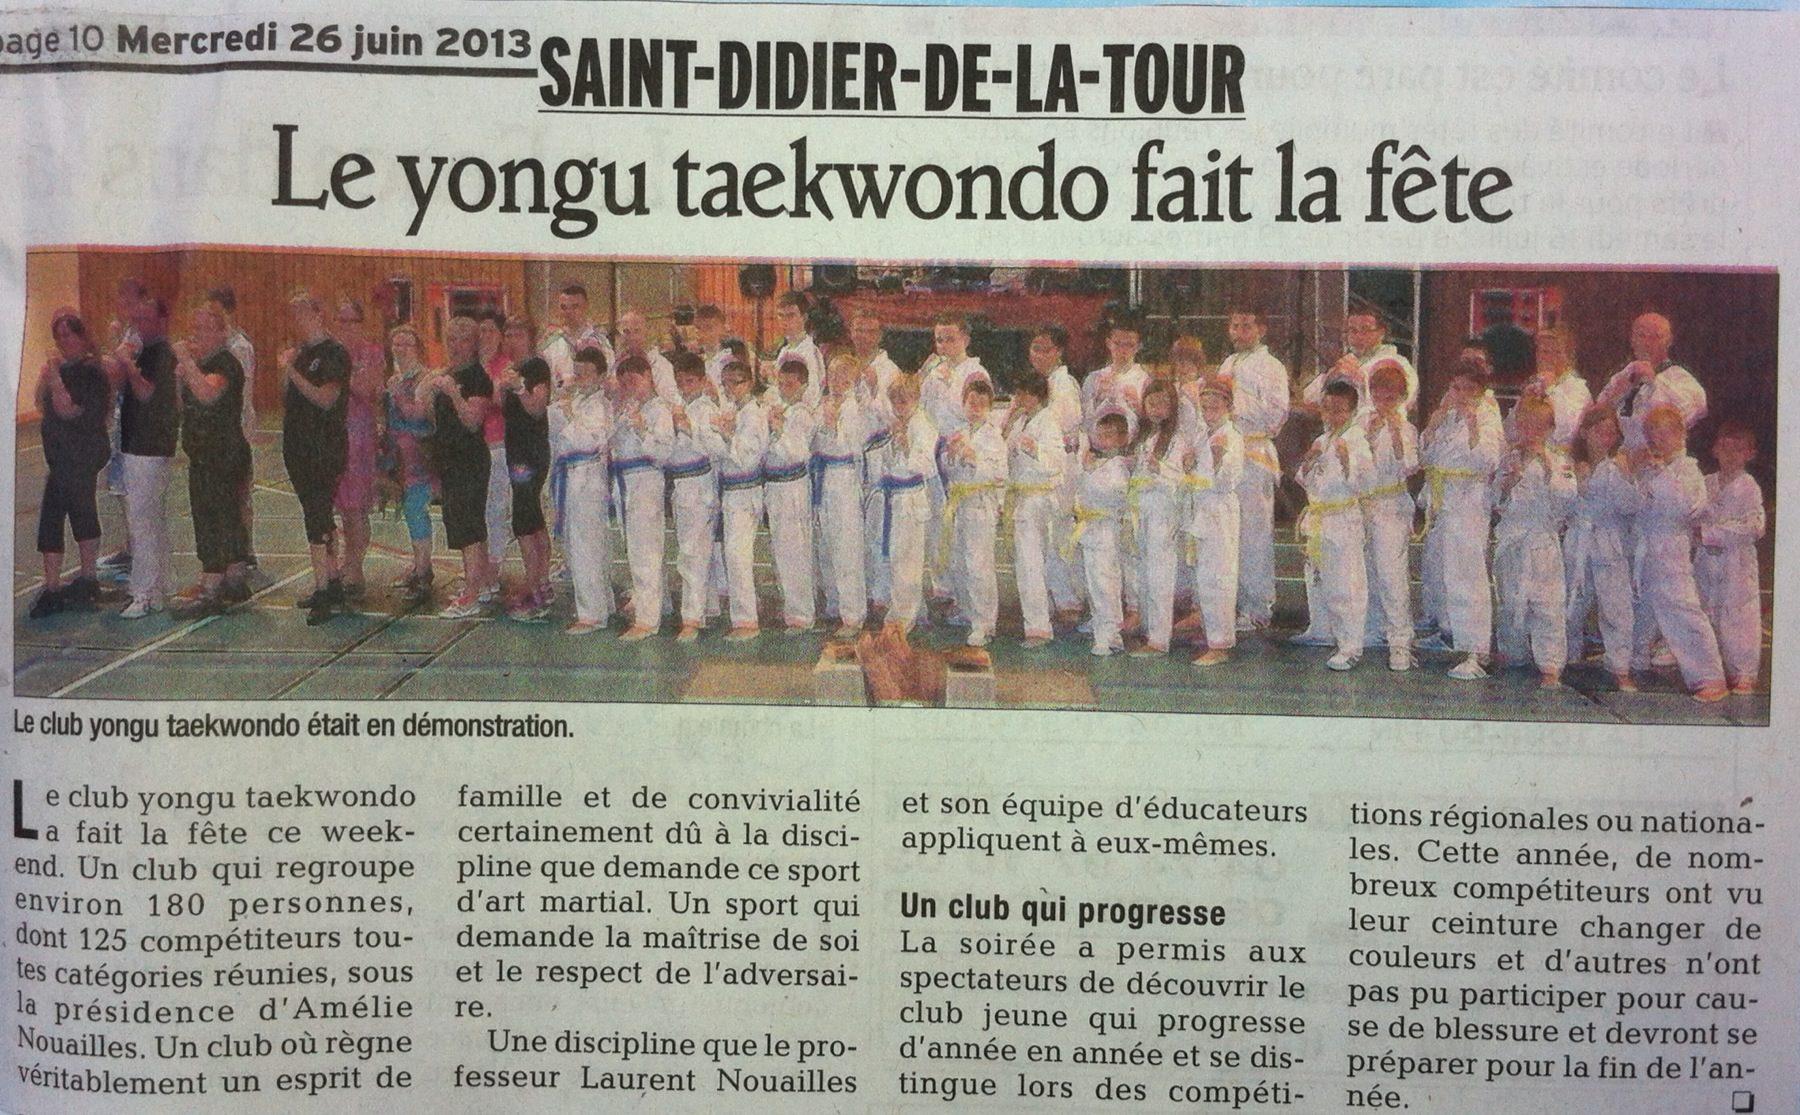 Le Dauphiné Libéré du mercredi 26 juin 2013